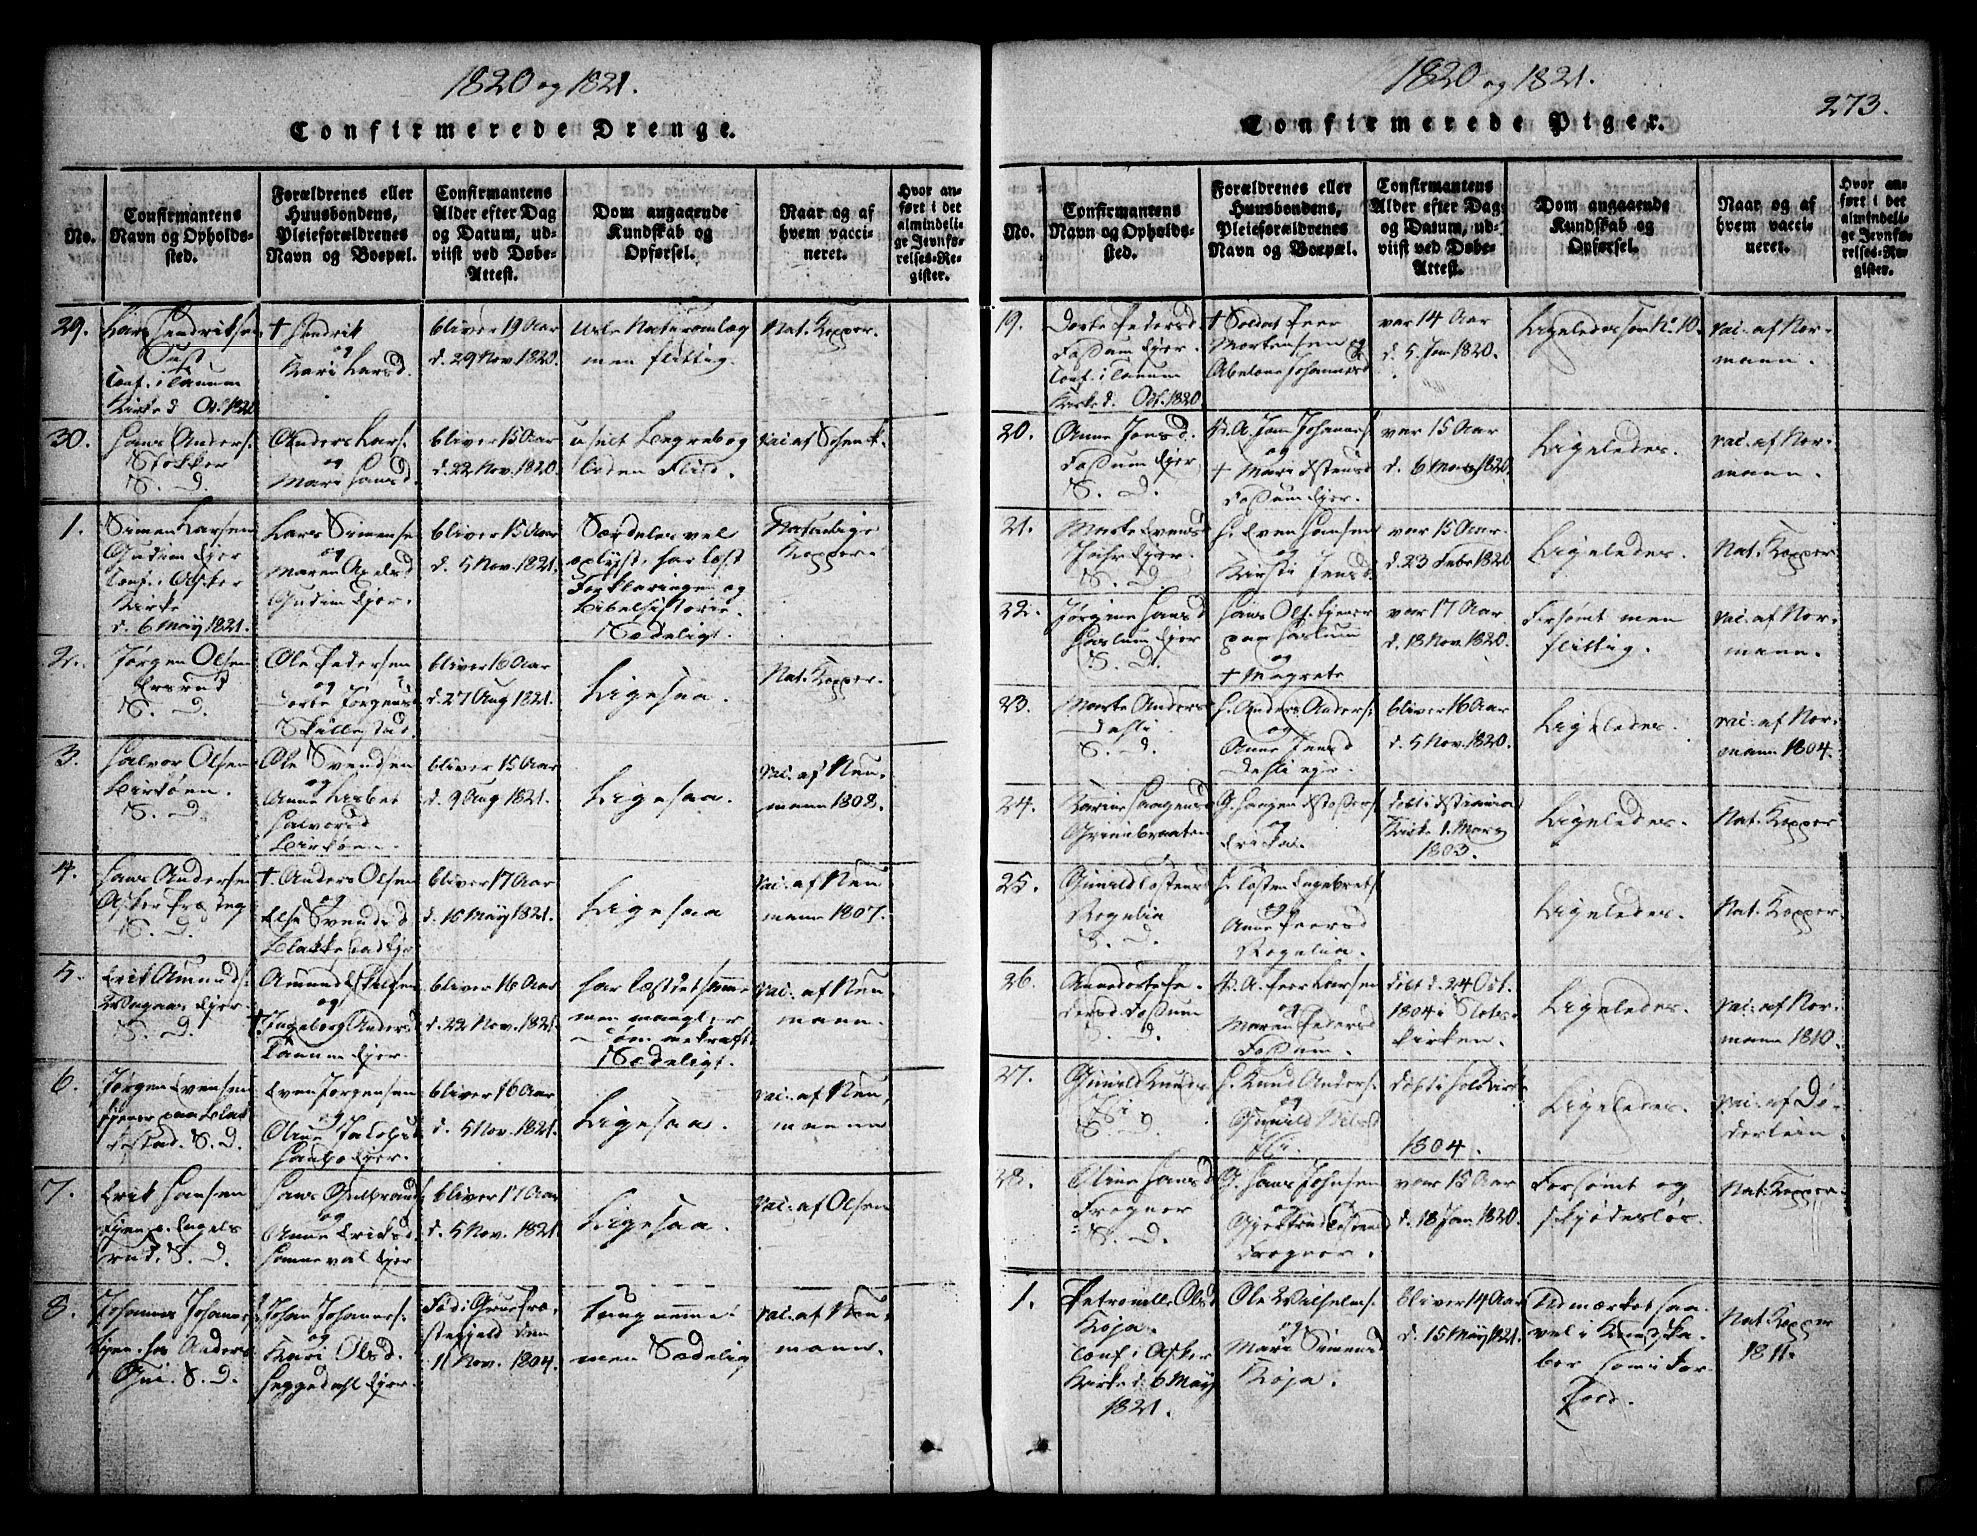 SAO, Asker prestekontor Kirkebøker, F/Fa/L0006: Ministerialbok nr. I 6, 1814-1824, s. 273